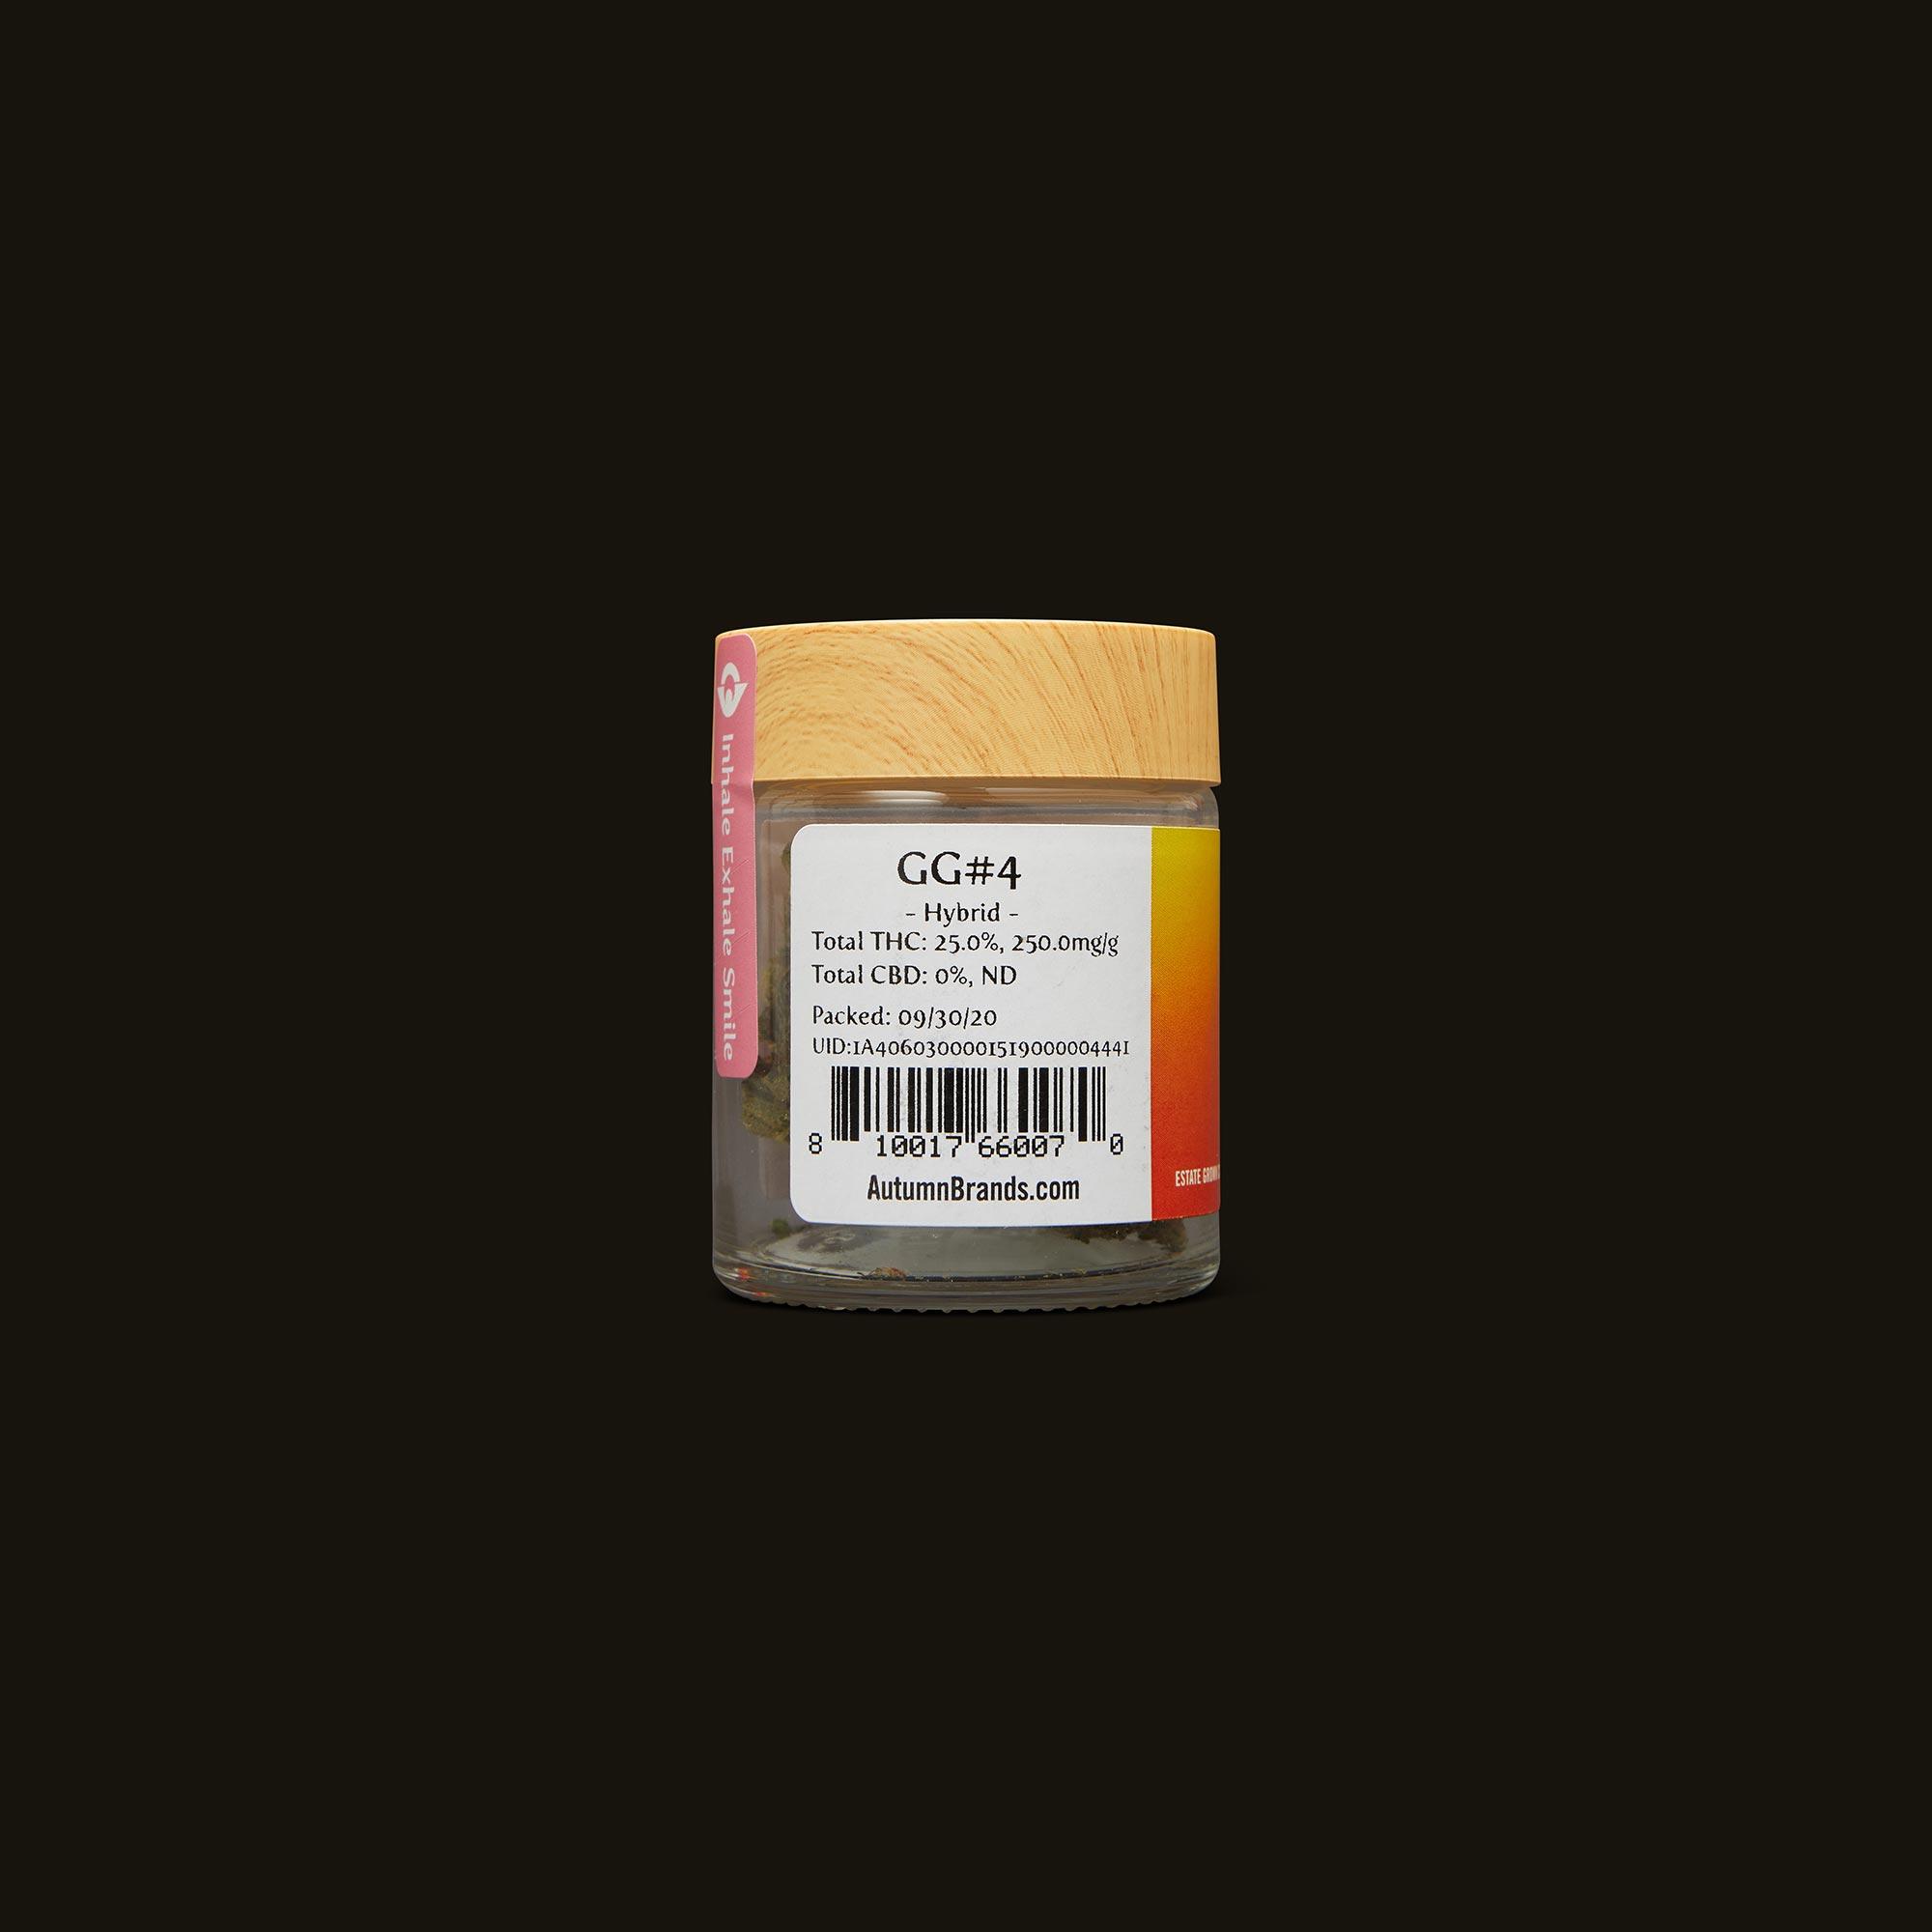 Autumn Brands GG #4 Back Packaging